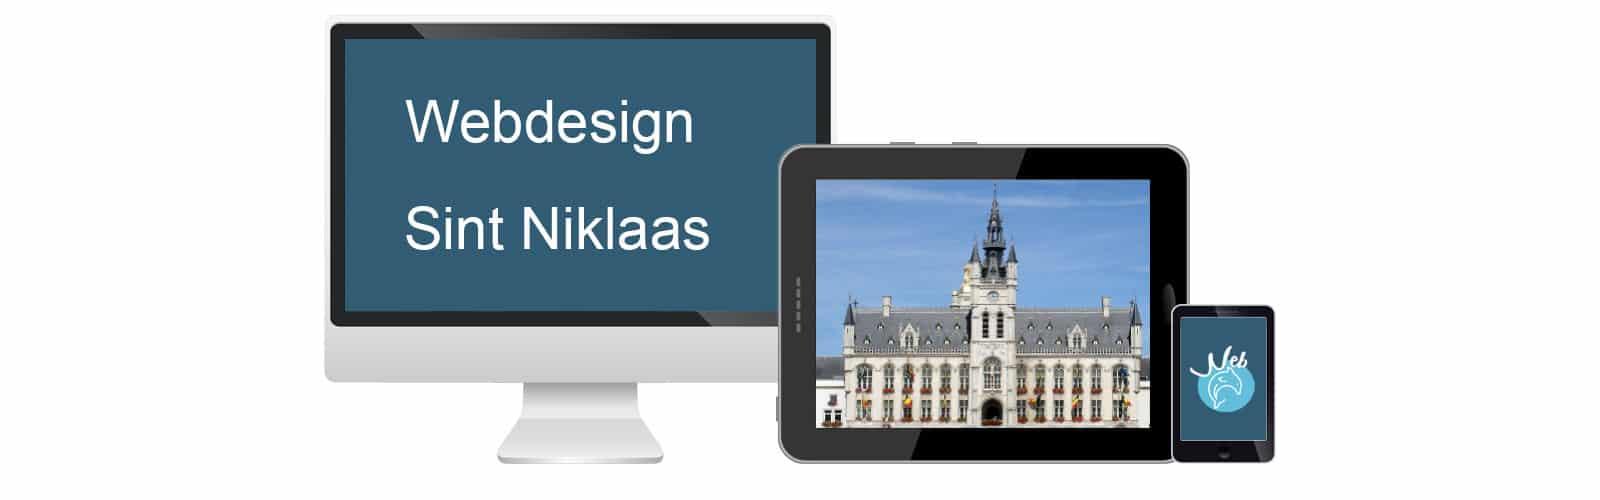 Webdesign Sint Niklaas - webdolfijn